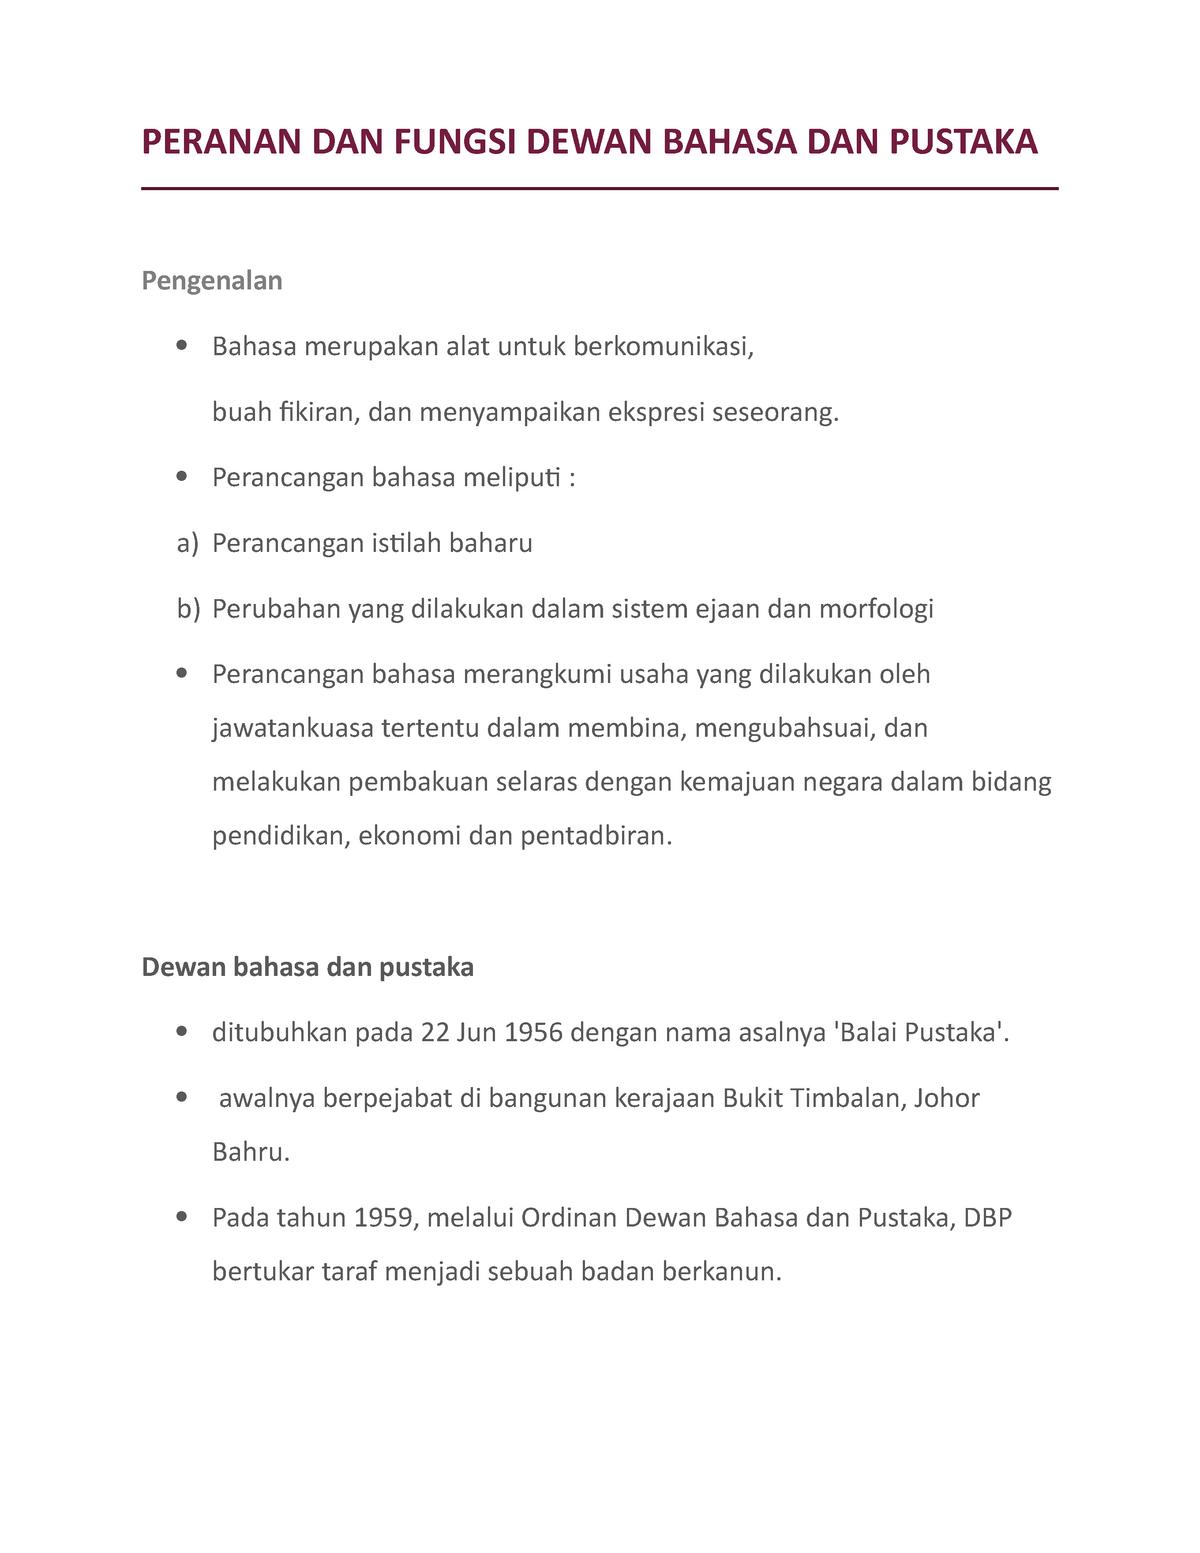 Peranan Dan Fungsi Dewan Bahasa Dan Pustaka Sblm1053 Studocu